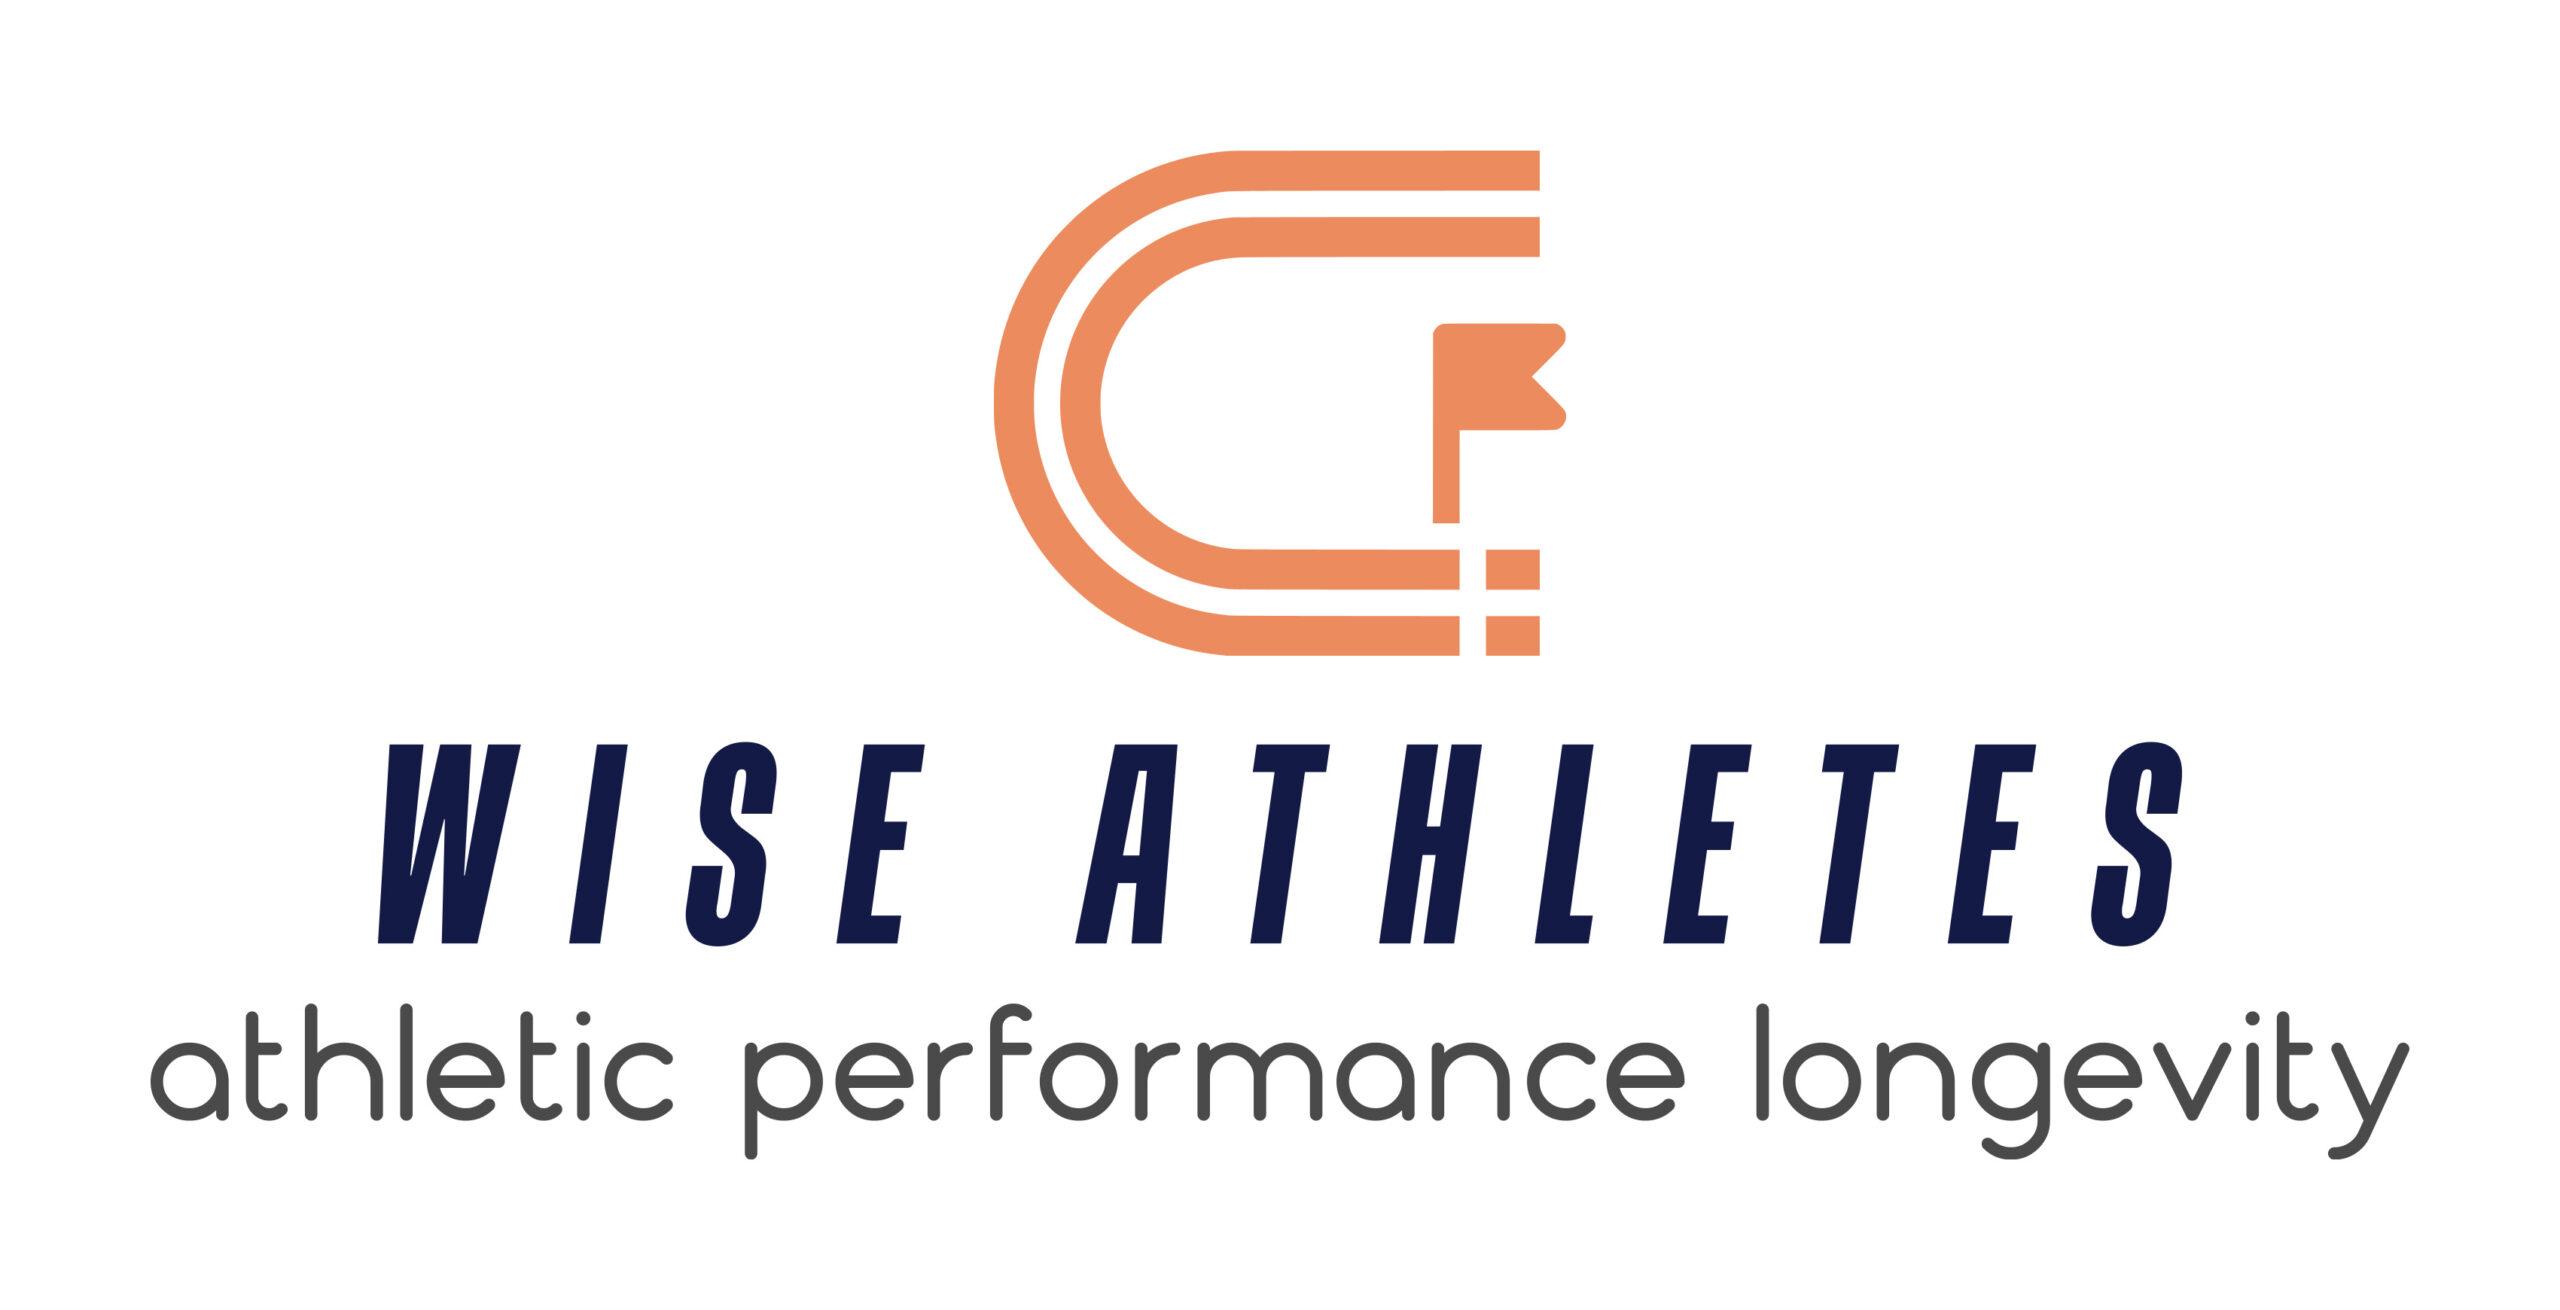 wise athletes logo